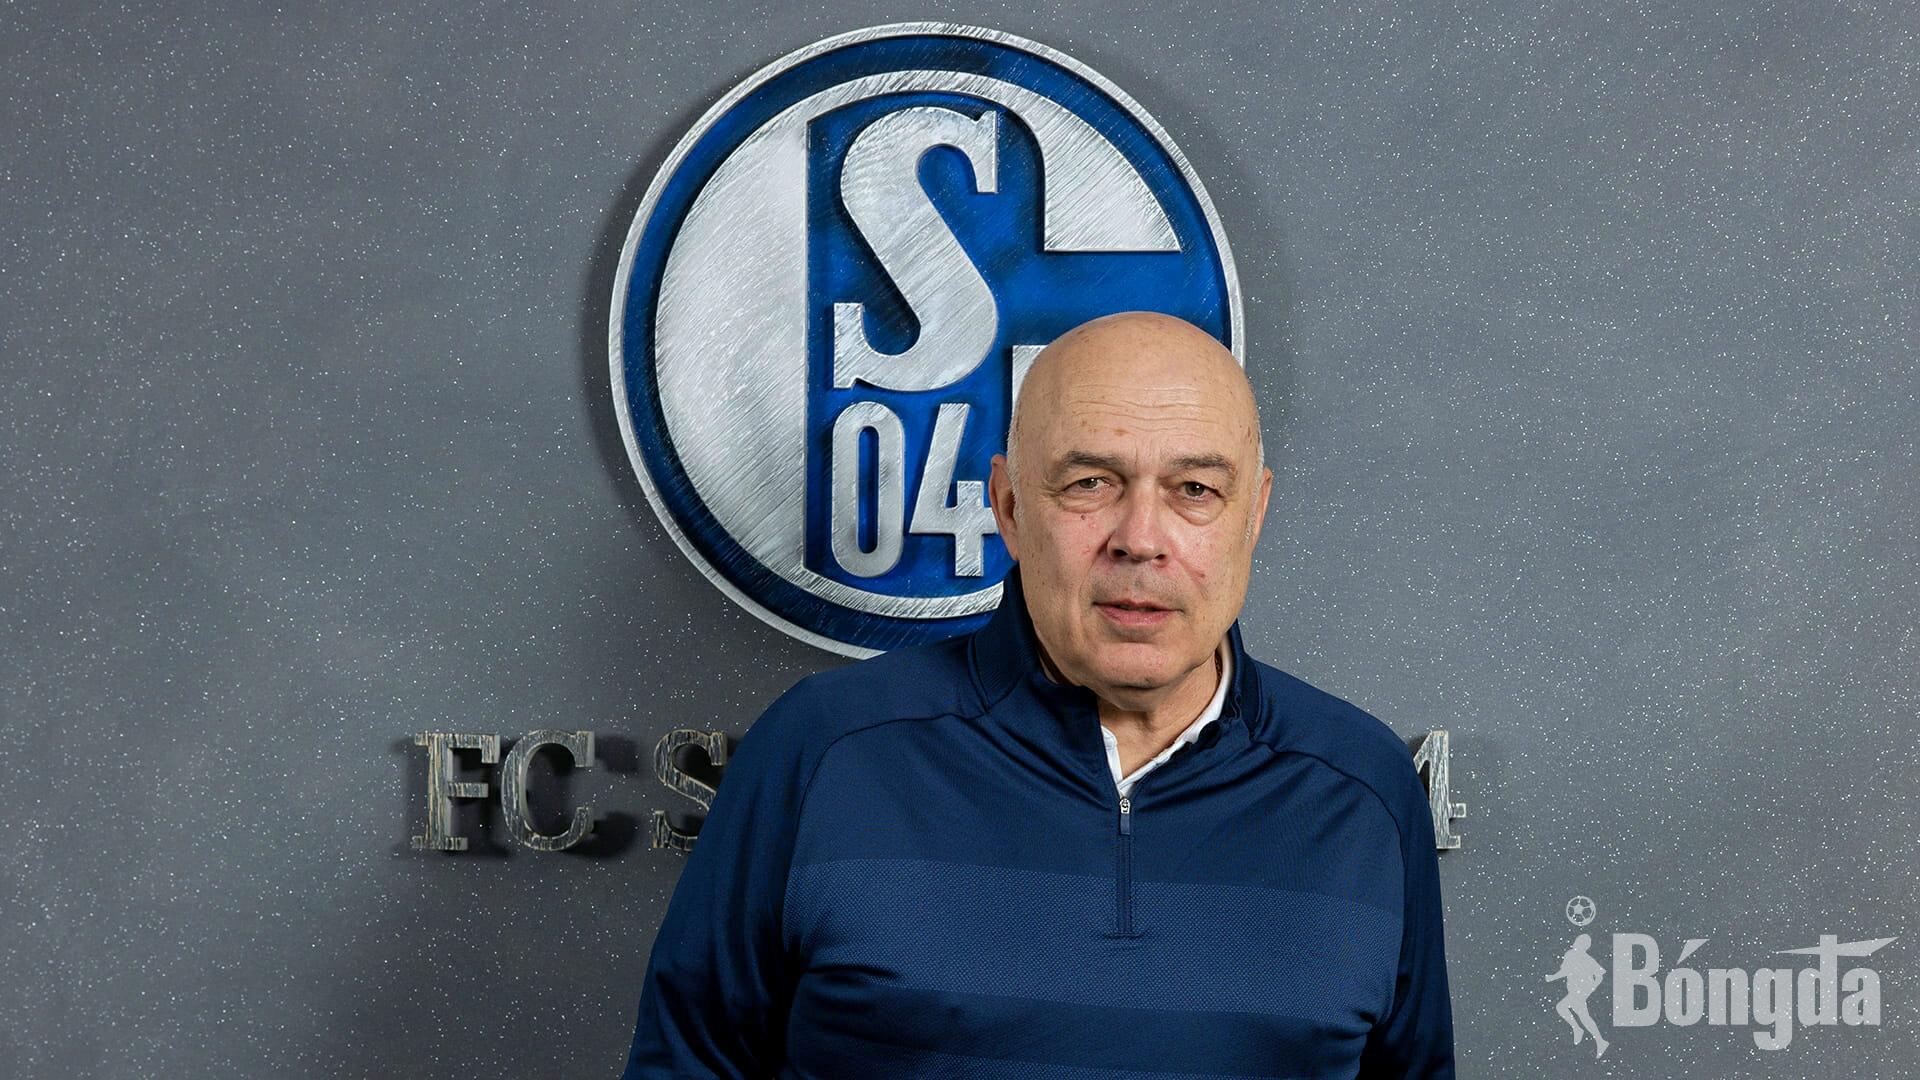 Nổi bật Bundesliga 2020/21: Christian Gross trở thành Thuyền trưởng mới của Schalke 04